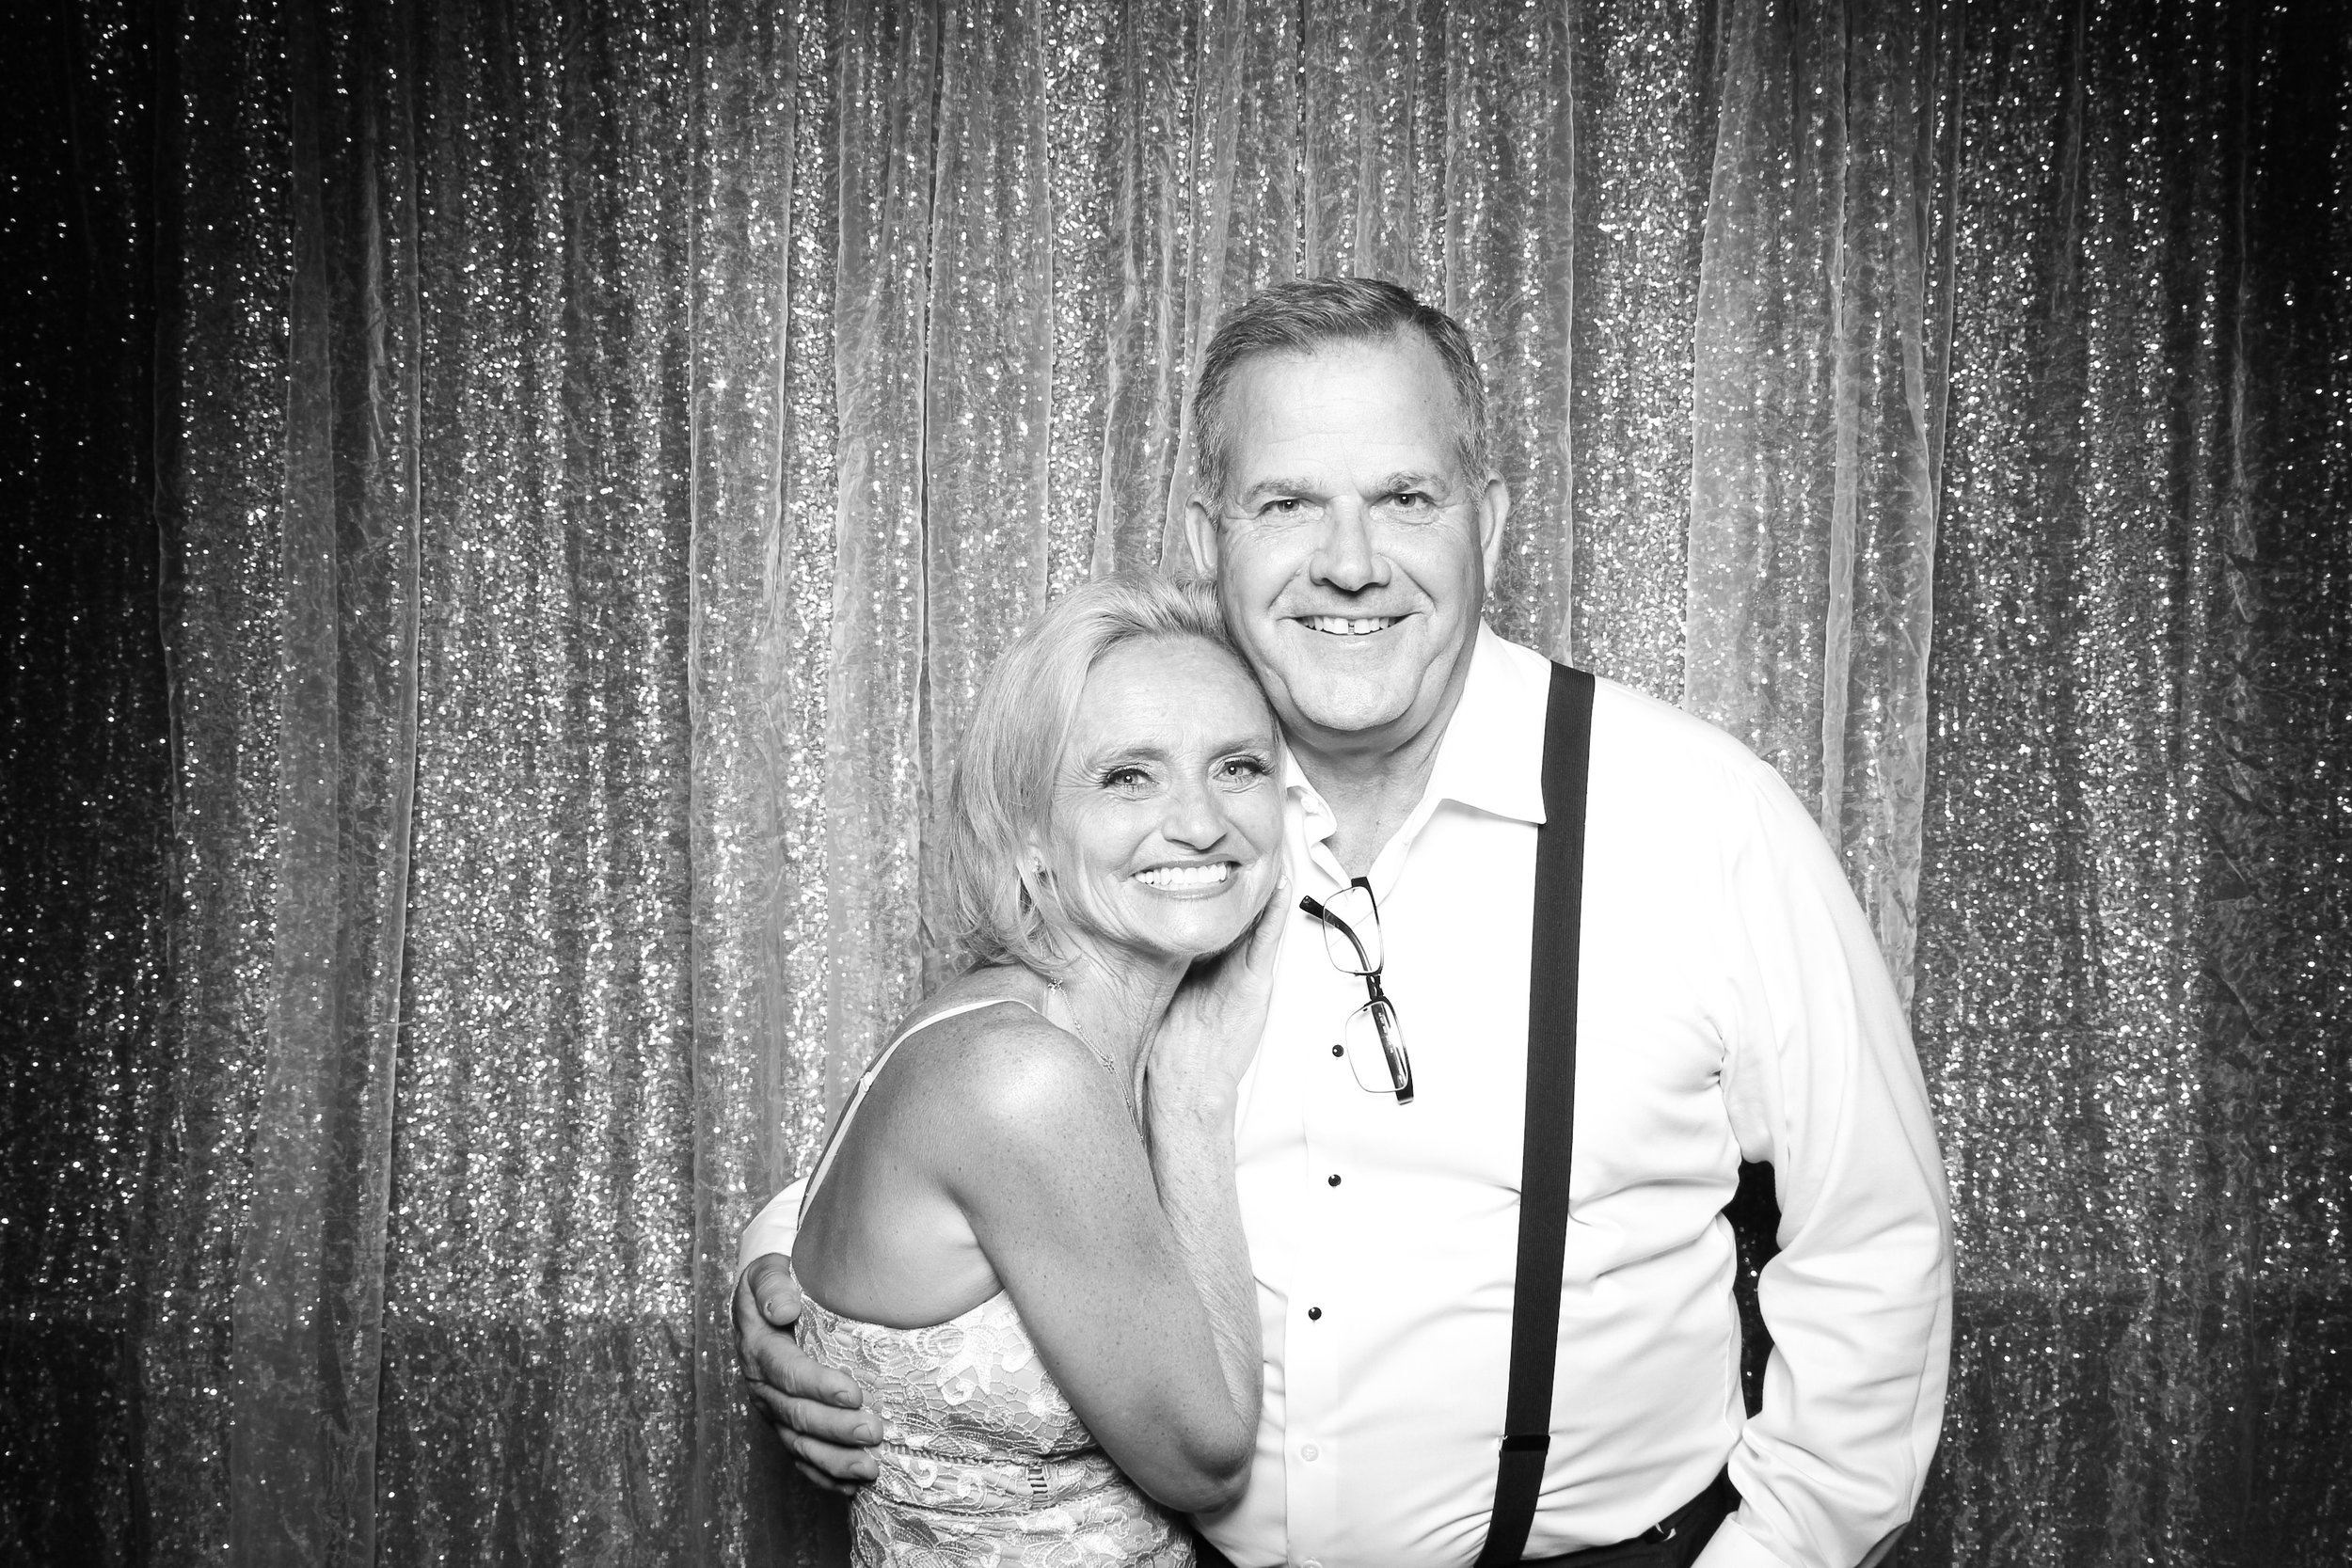 Cafe_Brauer_Chicago_Wedding_Loggia_Photo_Booth_25.jpg